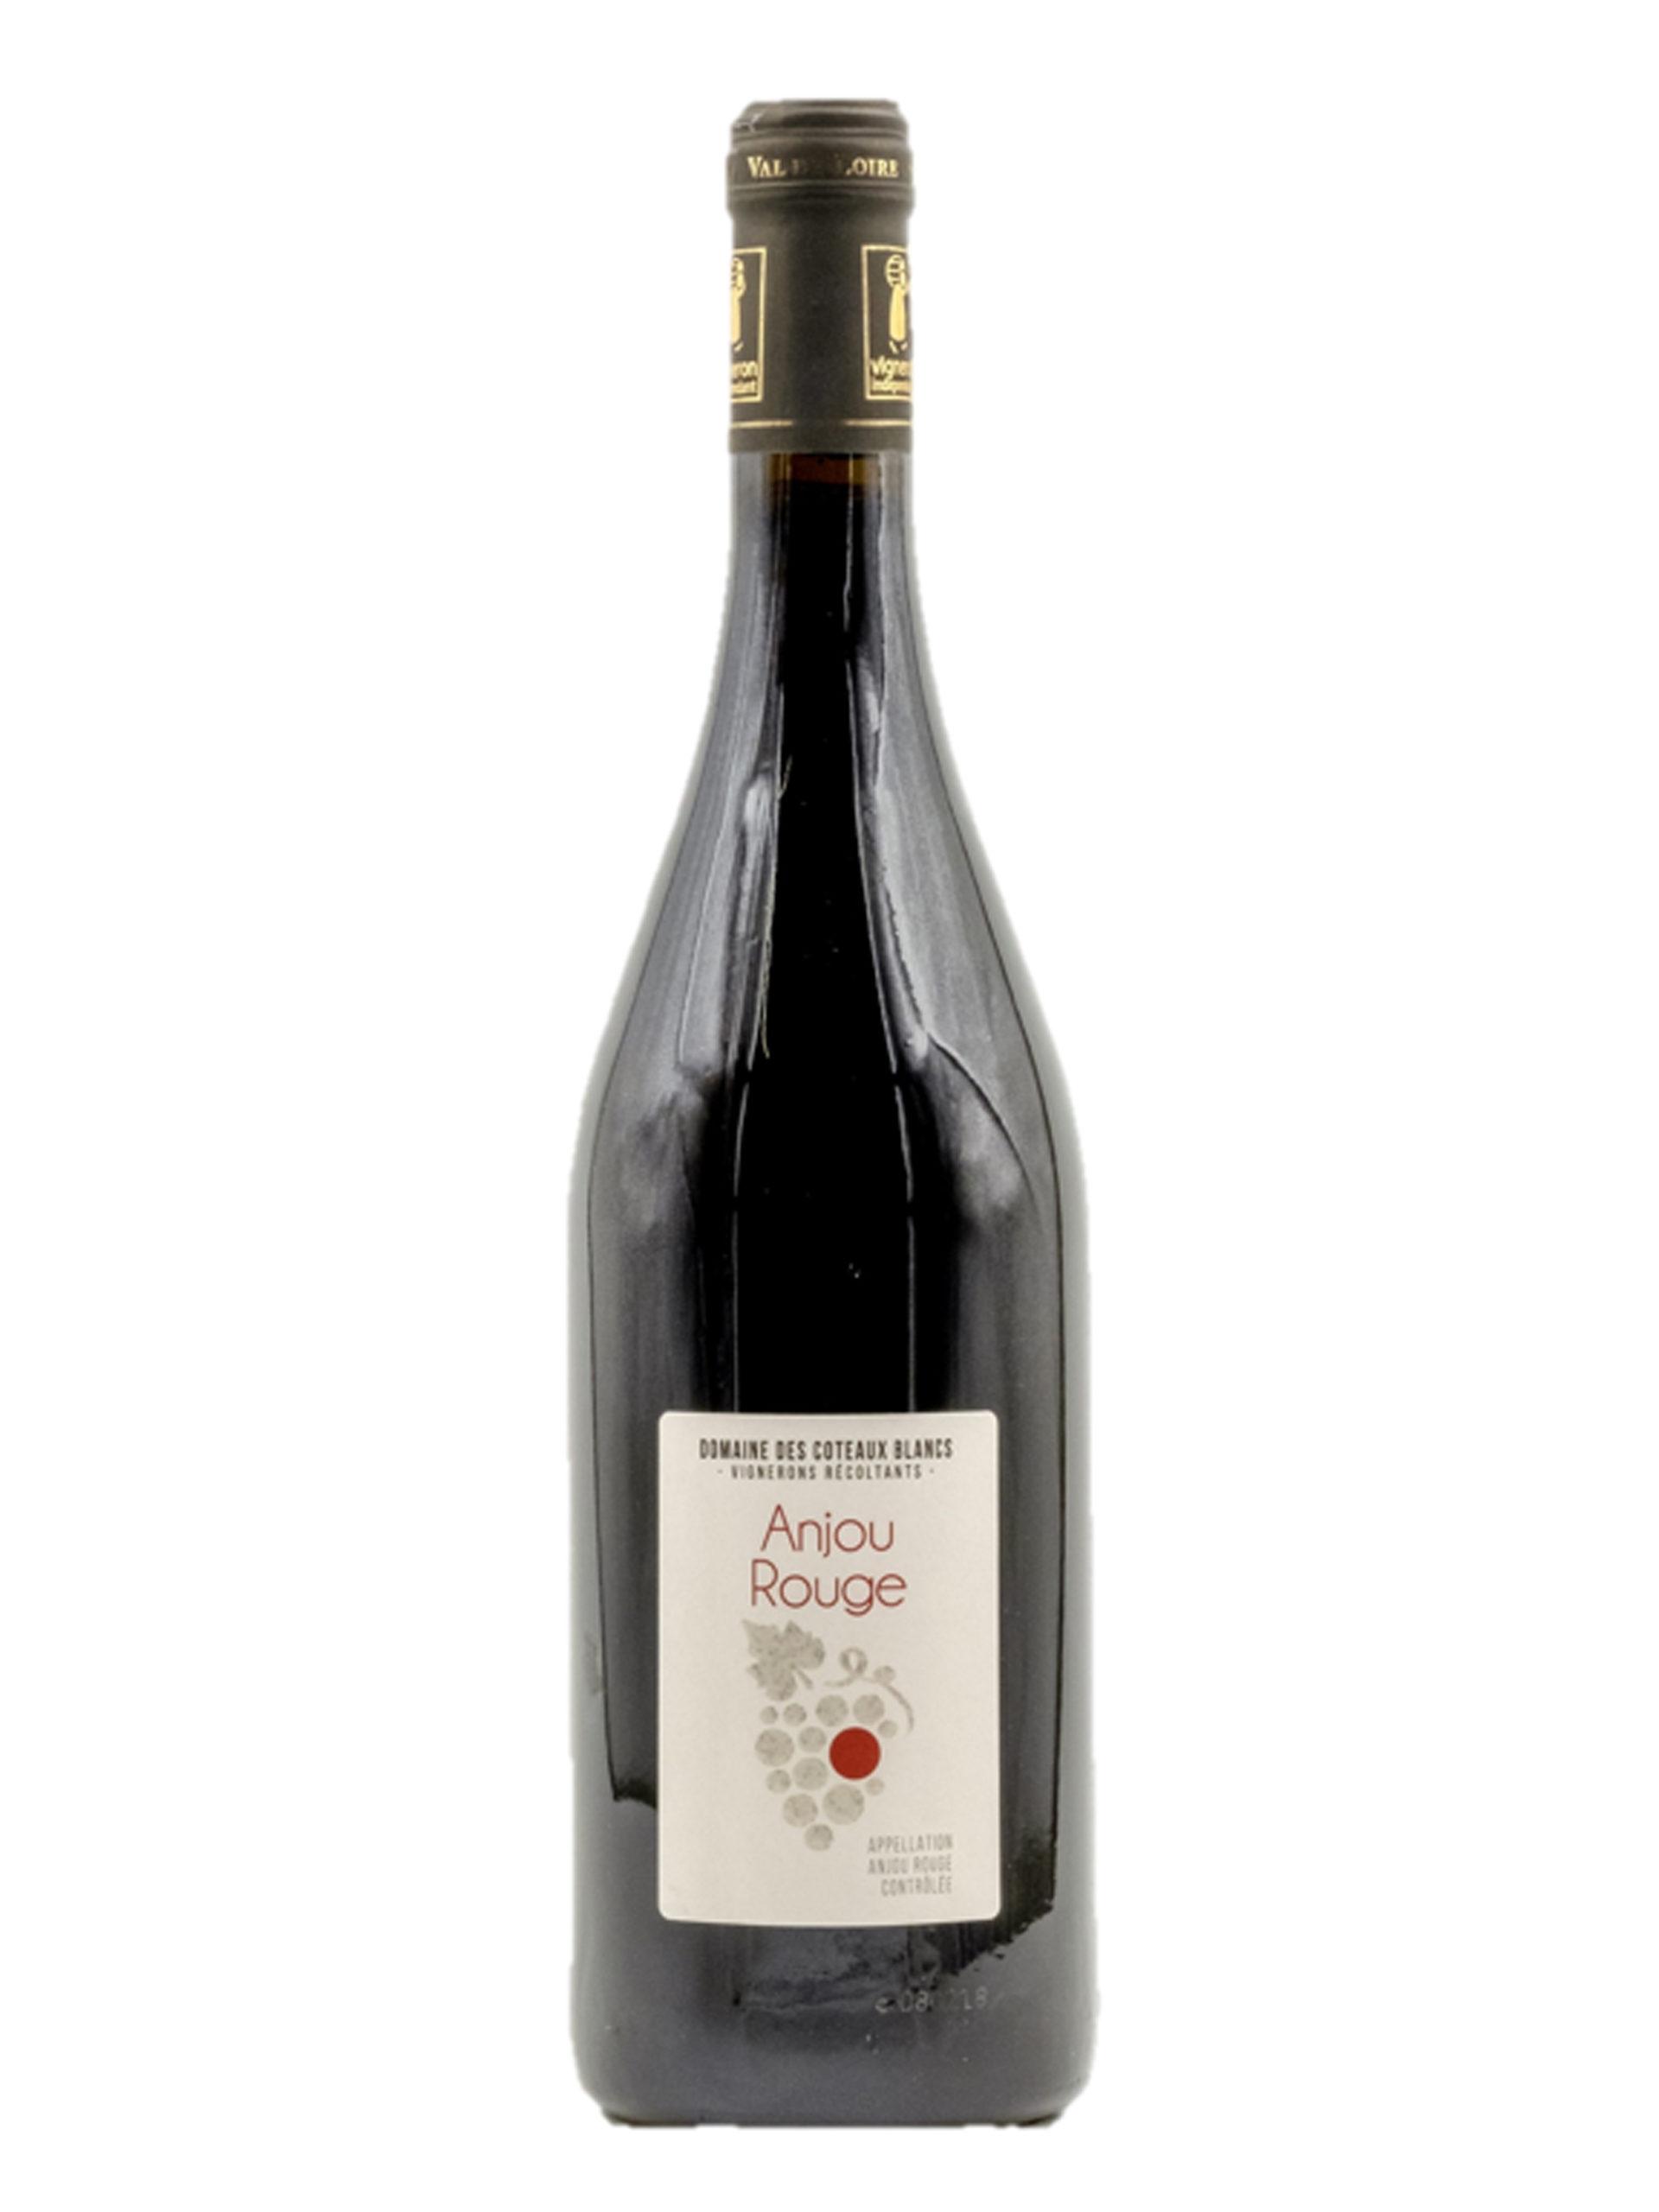 Anjou Rouge 2018